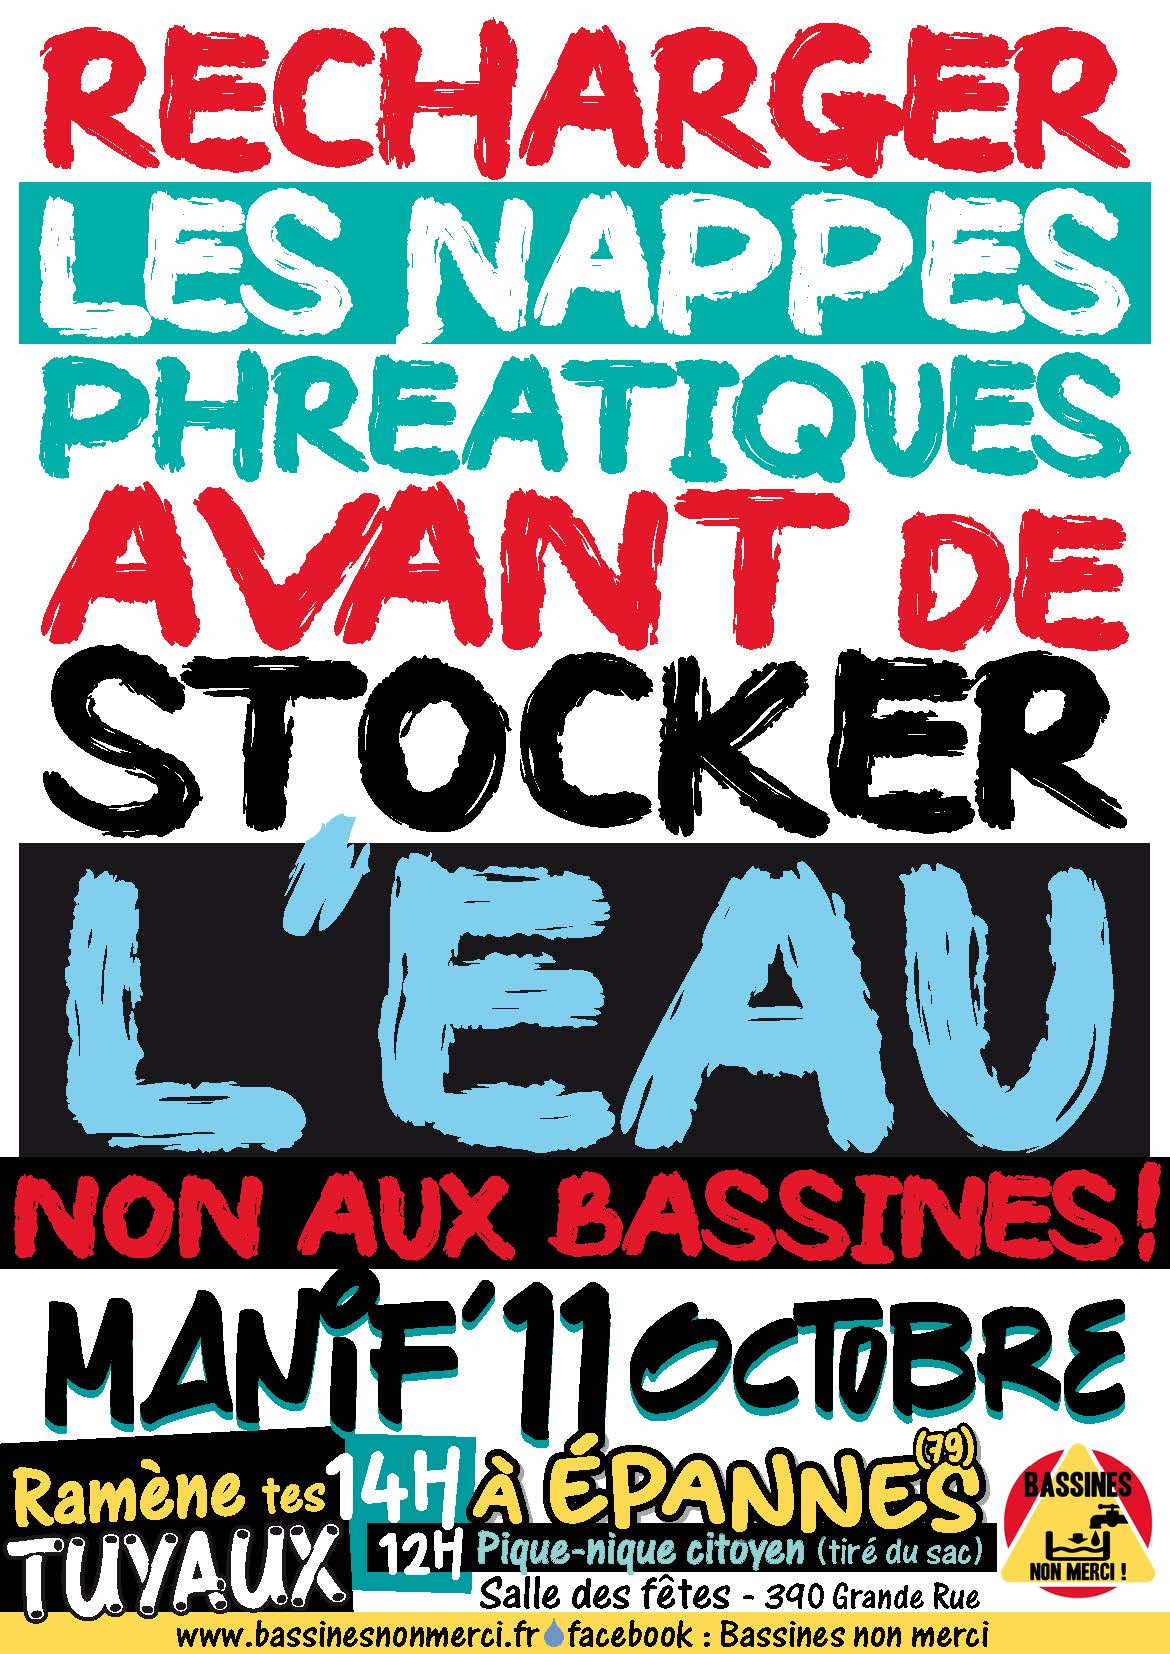 maquette affiche 11 octobre Bassines_Page_5.jpg